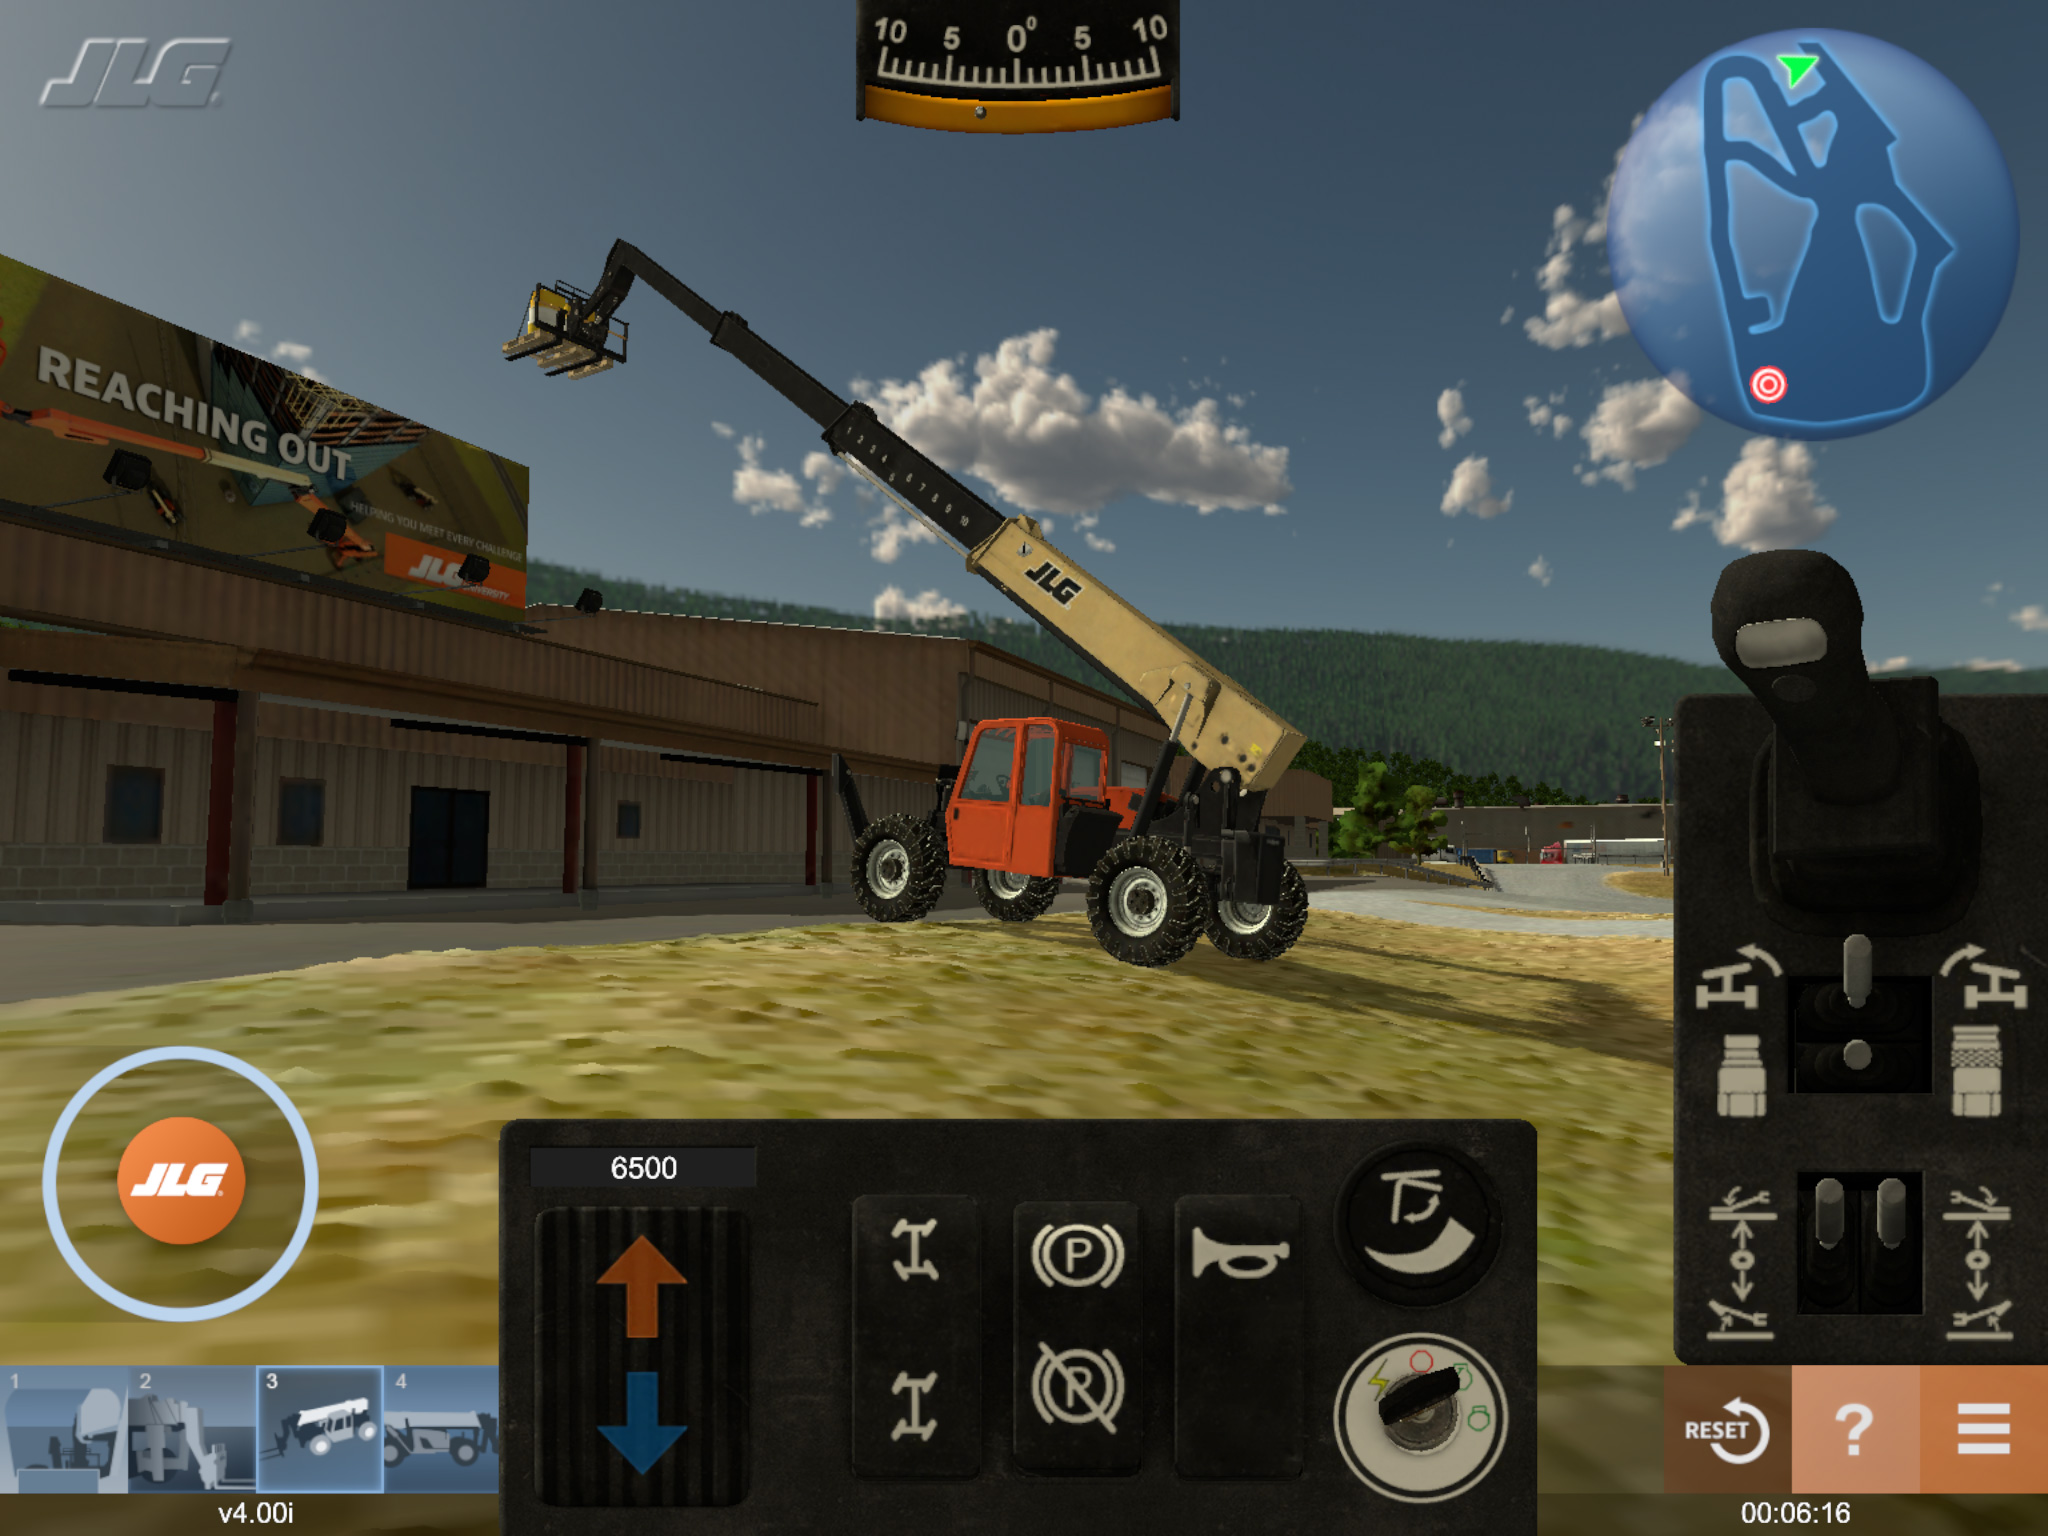 Heavy Equipment Training Simulator